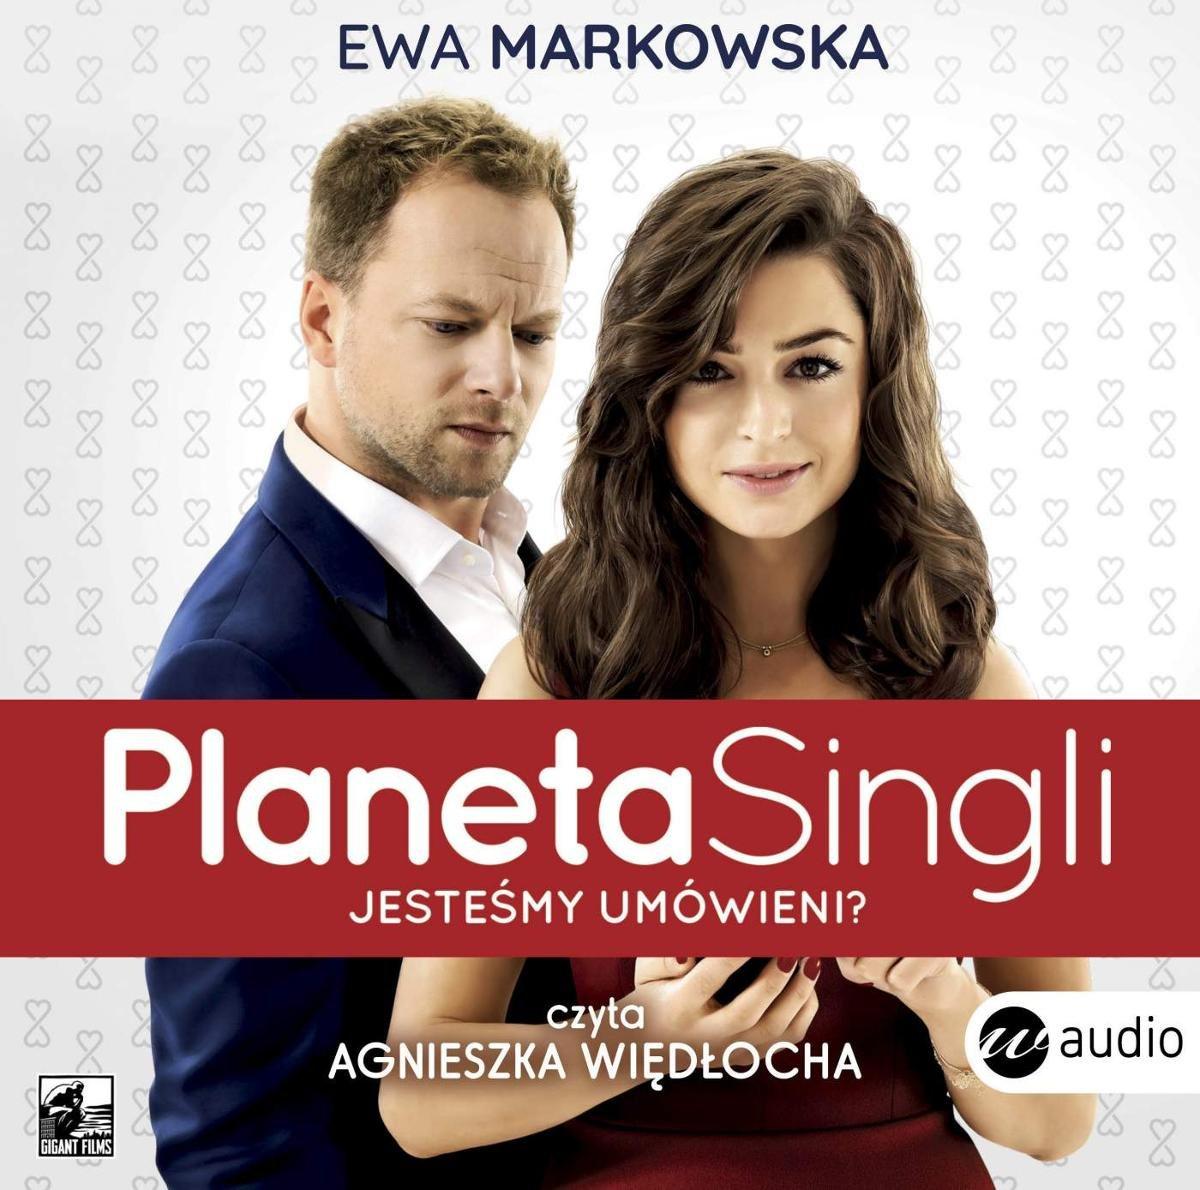 Bank dla singli - Magdalena Kasprzycka szuka drugich